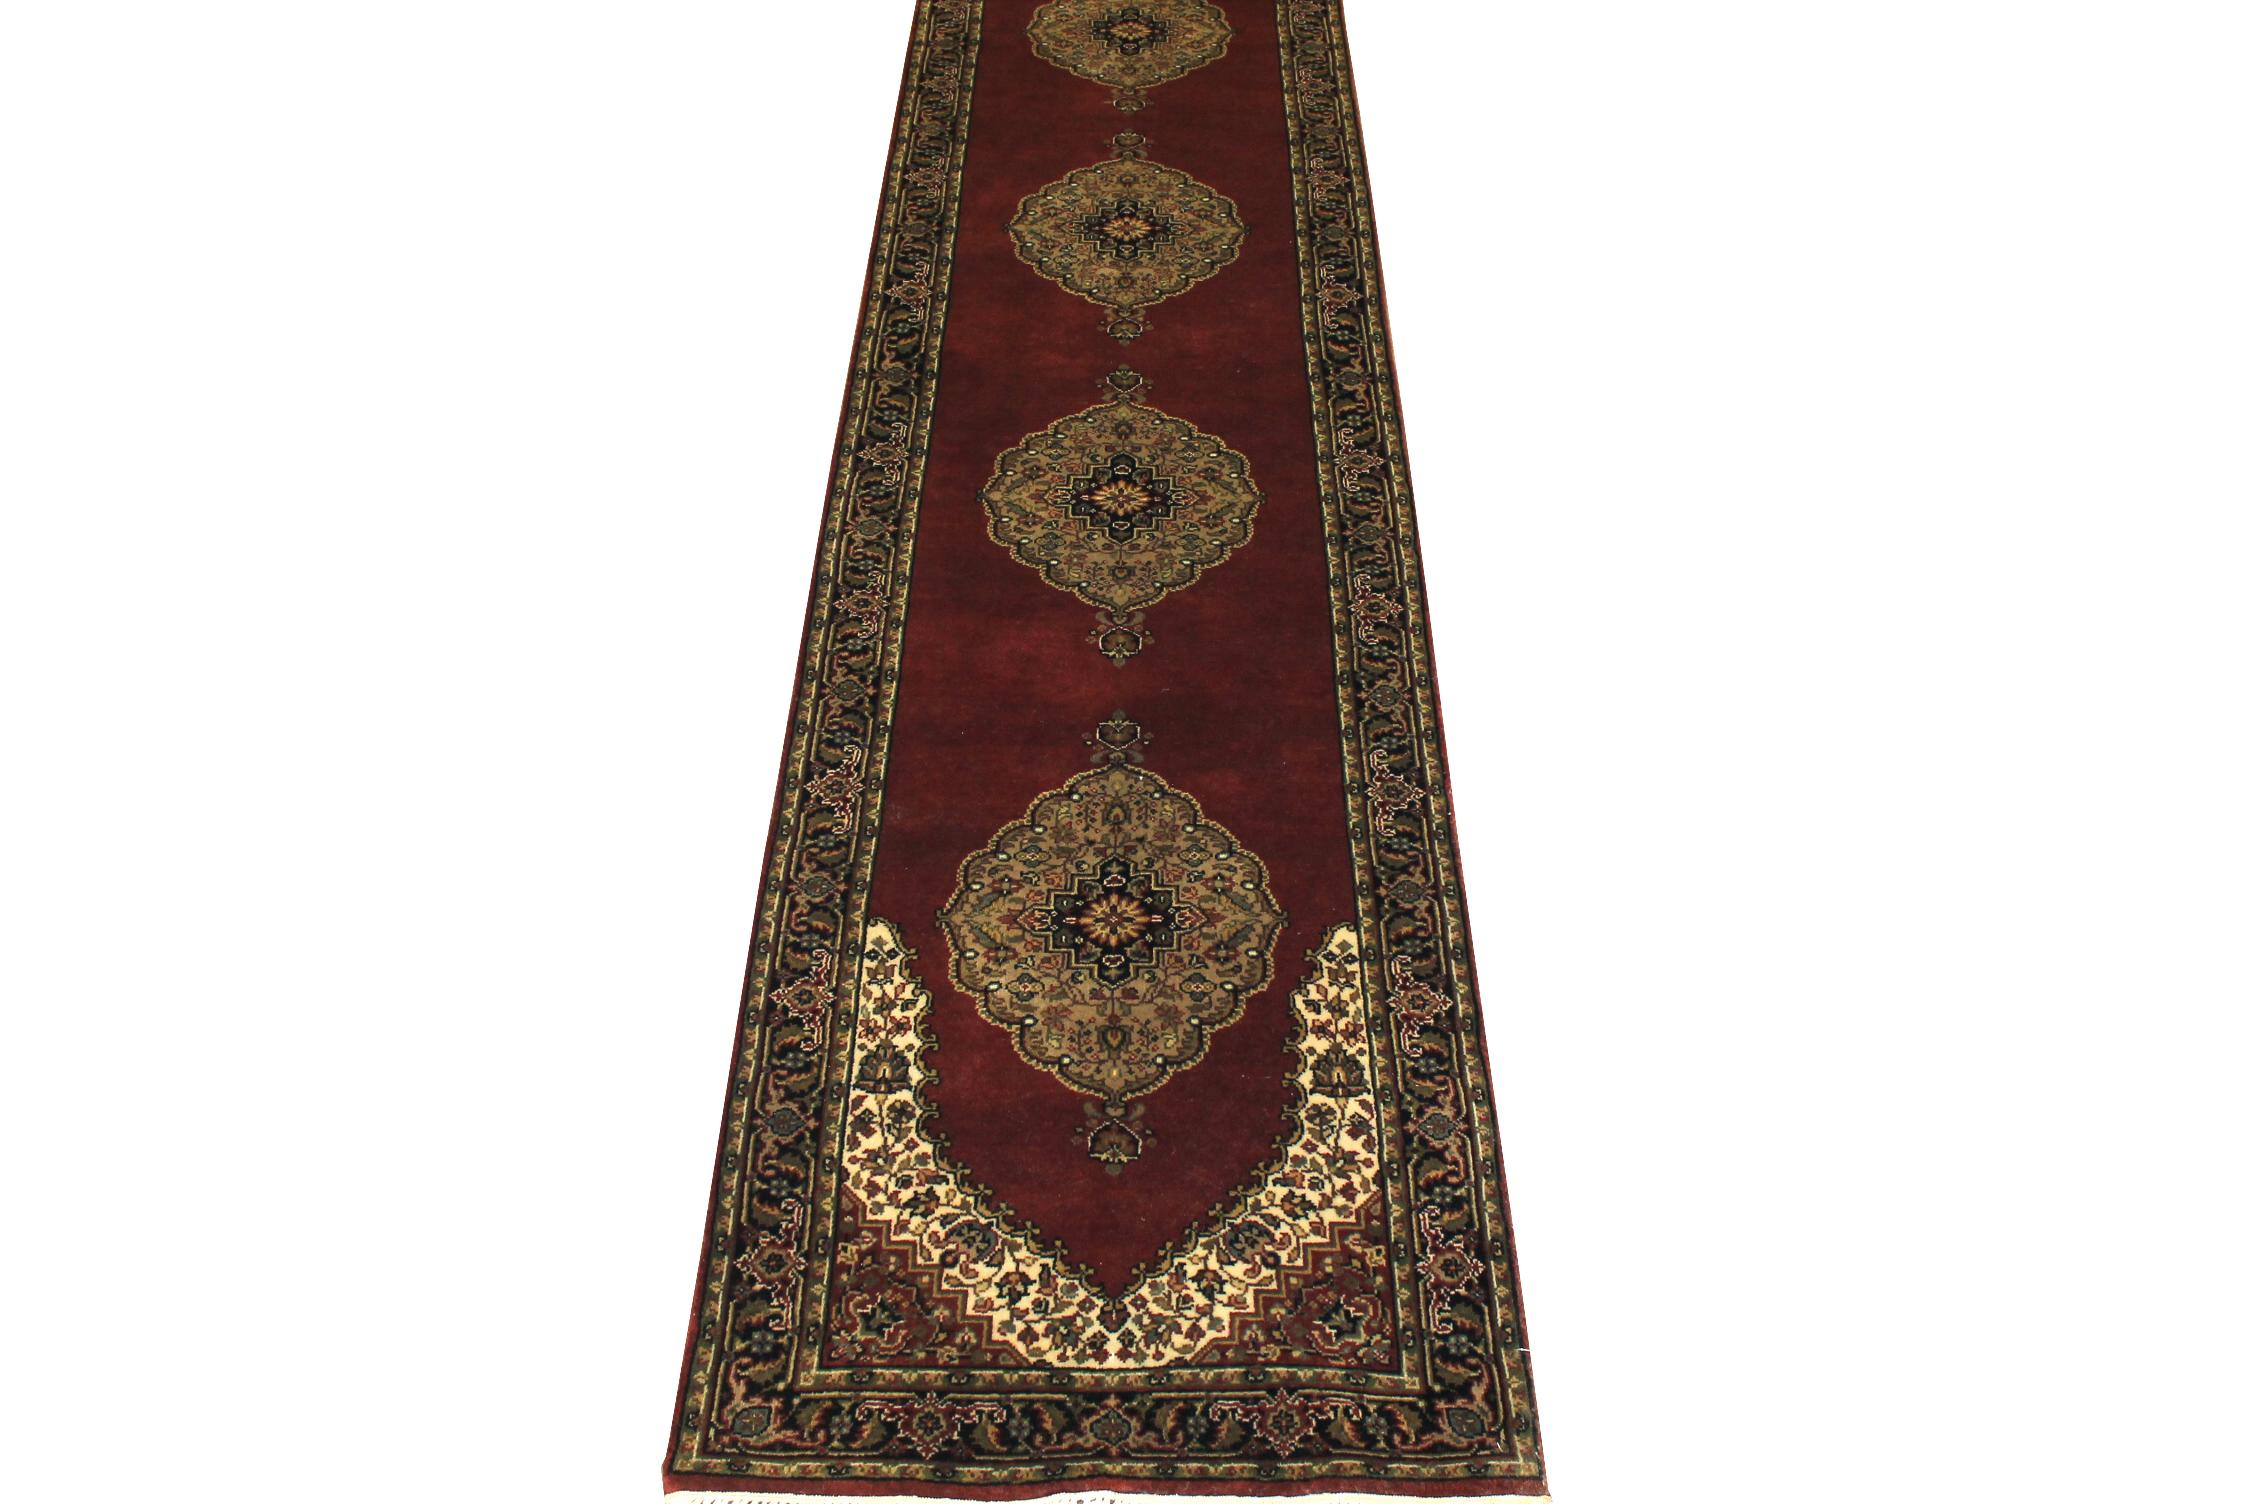 13 ft. & Longer Runner Jaipur Hand Knotted Wool Area Rug - MR6272